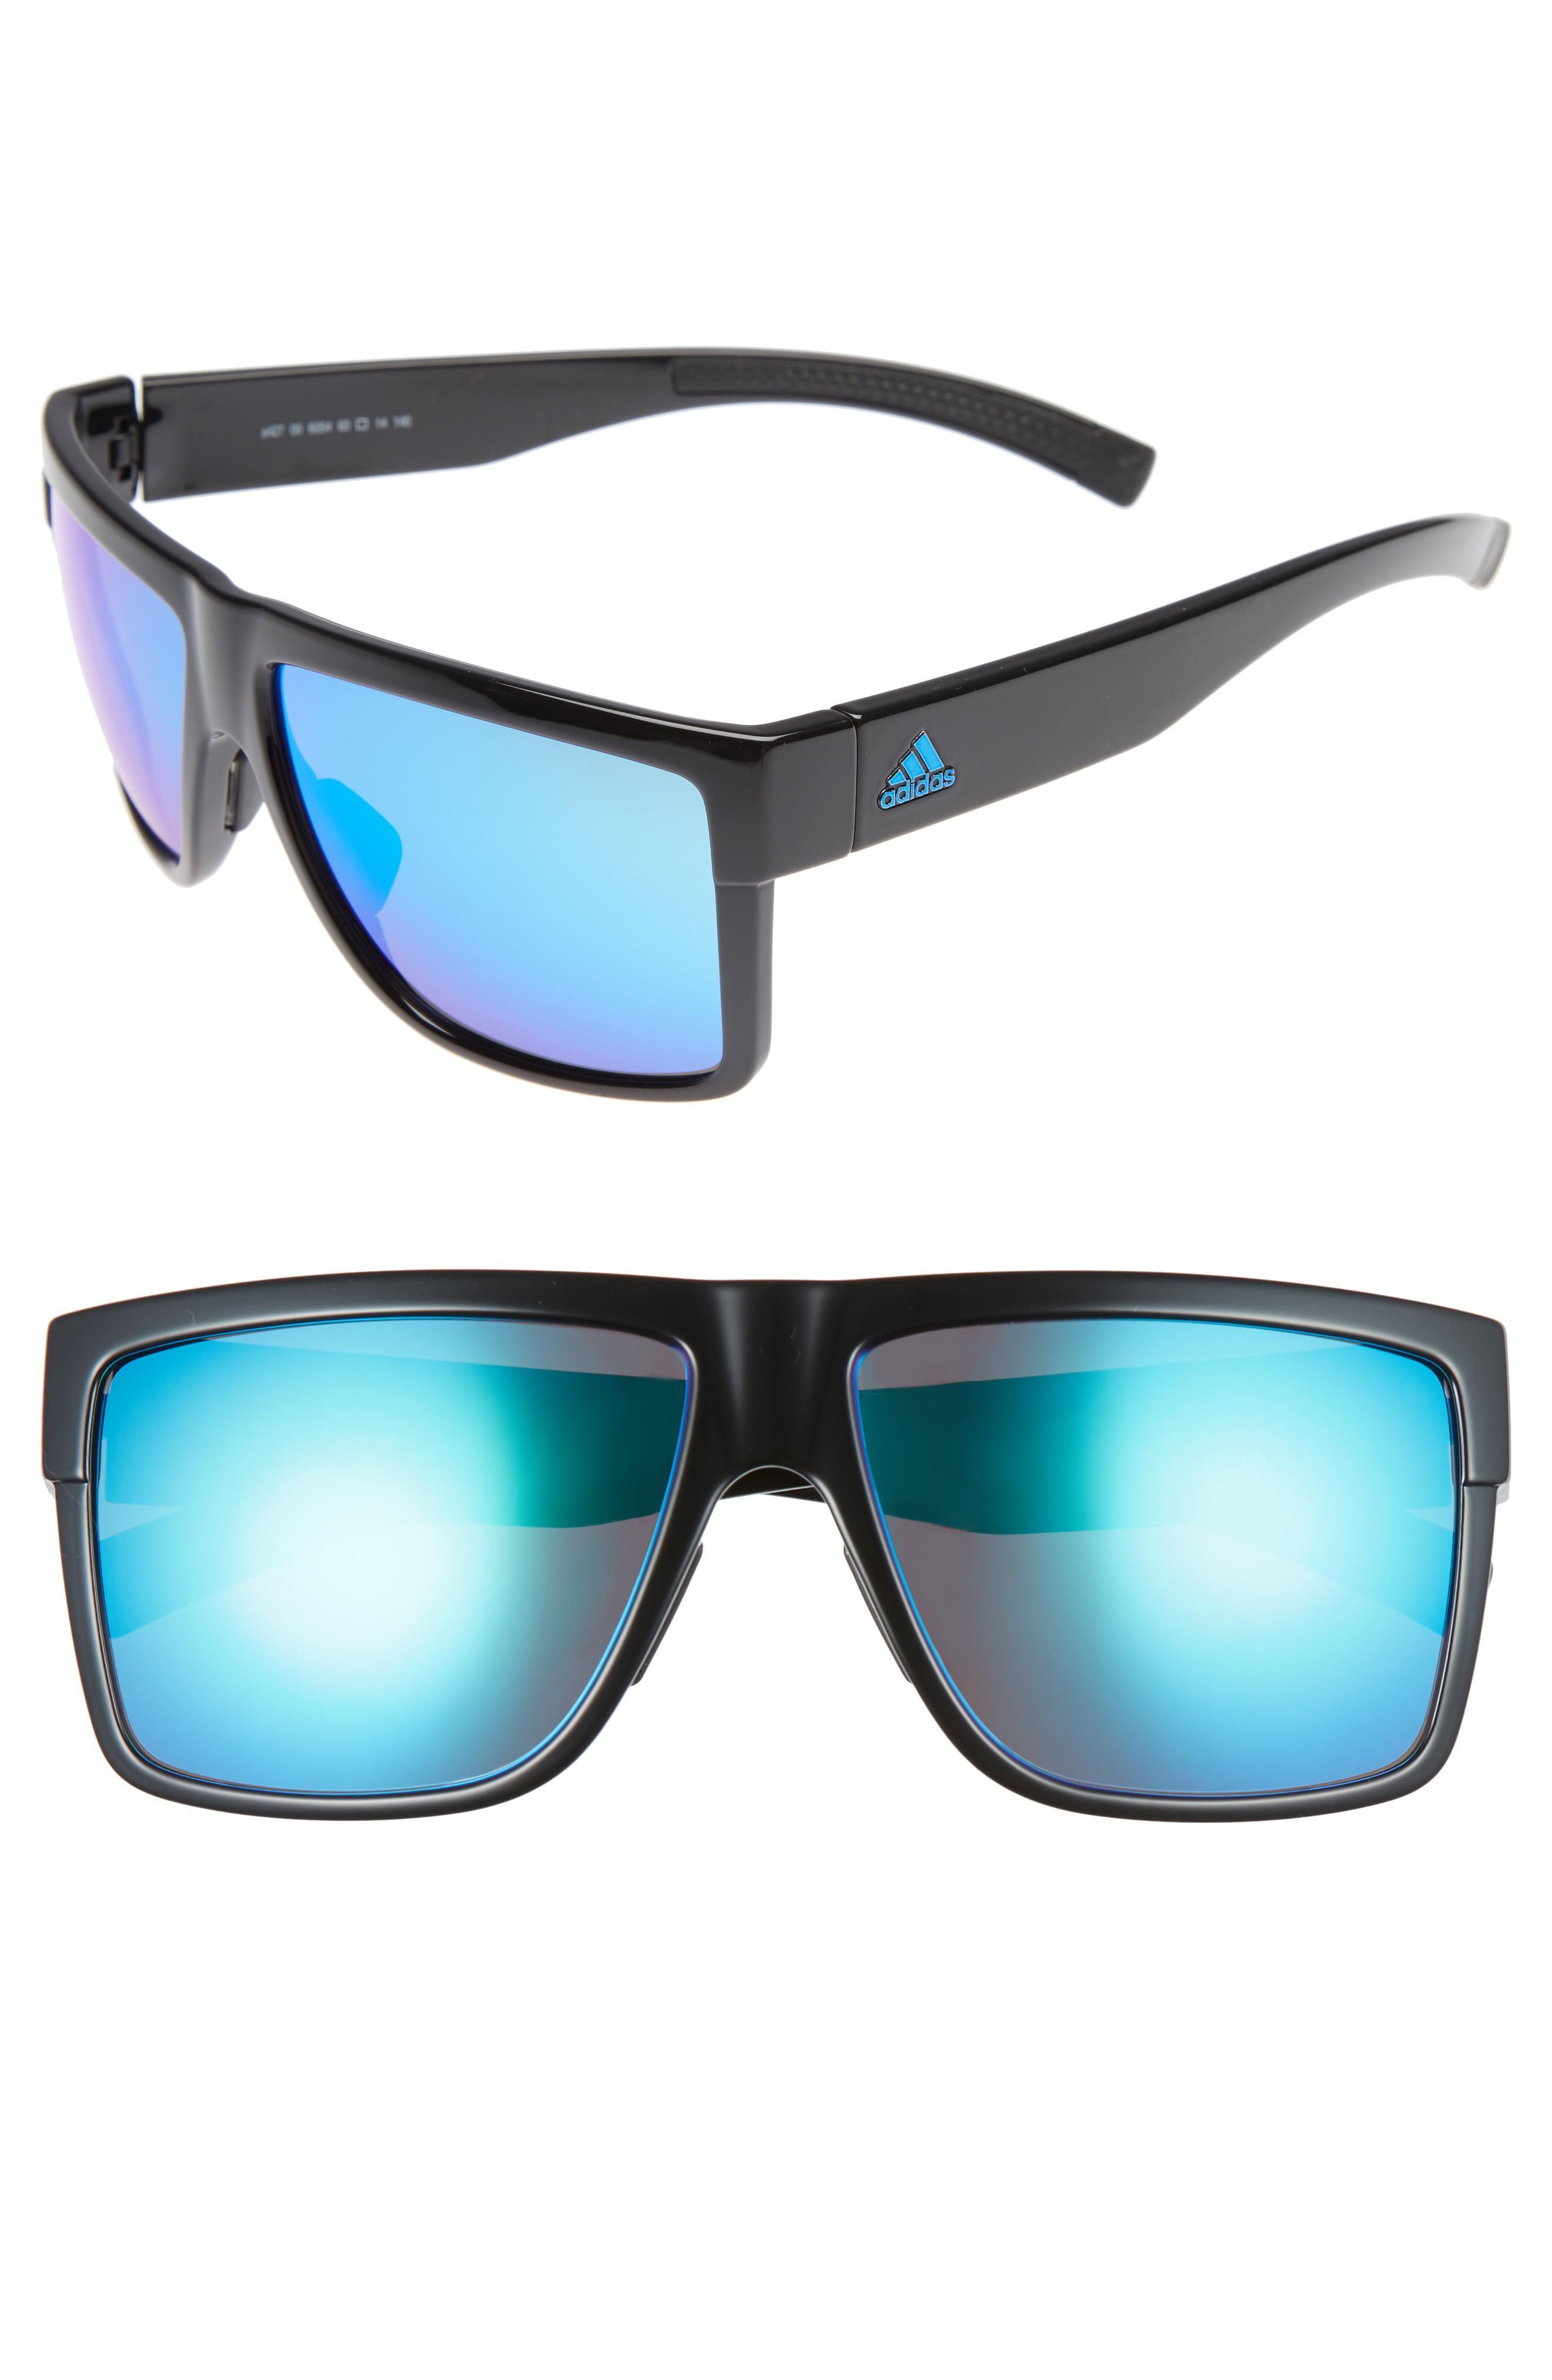 b43d68bae6eaa Adidas Originals 3Matic 60Mm Sunglasses - Black Shiny  Blue Mirror ...